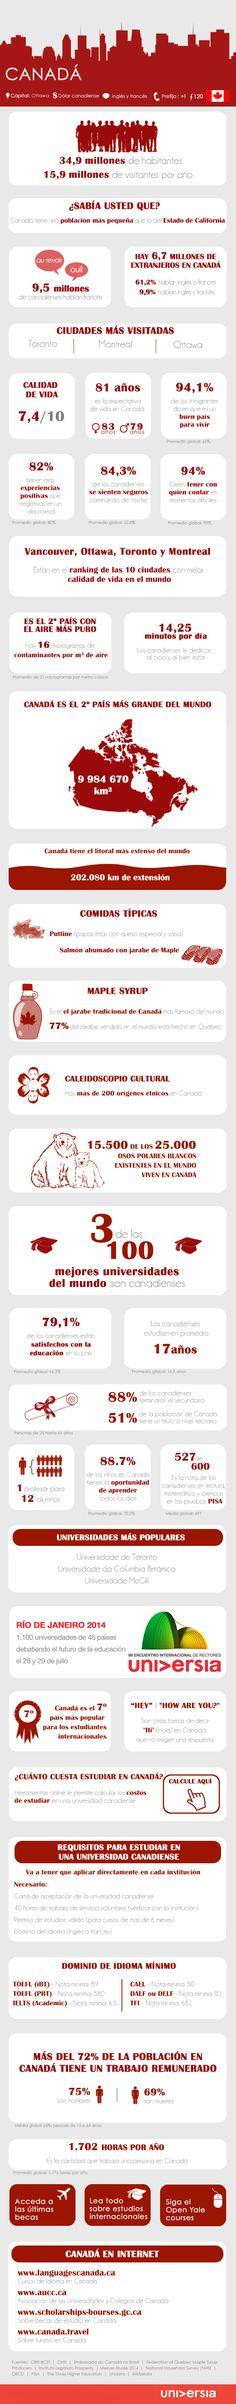 Hola: Una infografía con 30 claves para estudiar y trabajar en Canadá. Vía Un saludo